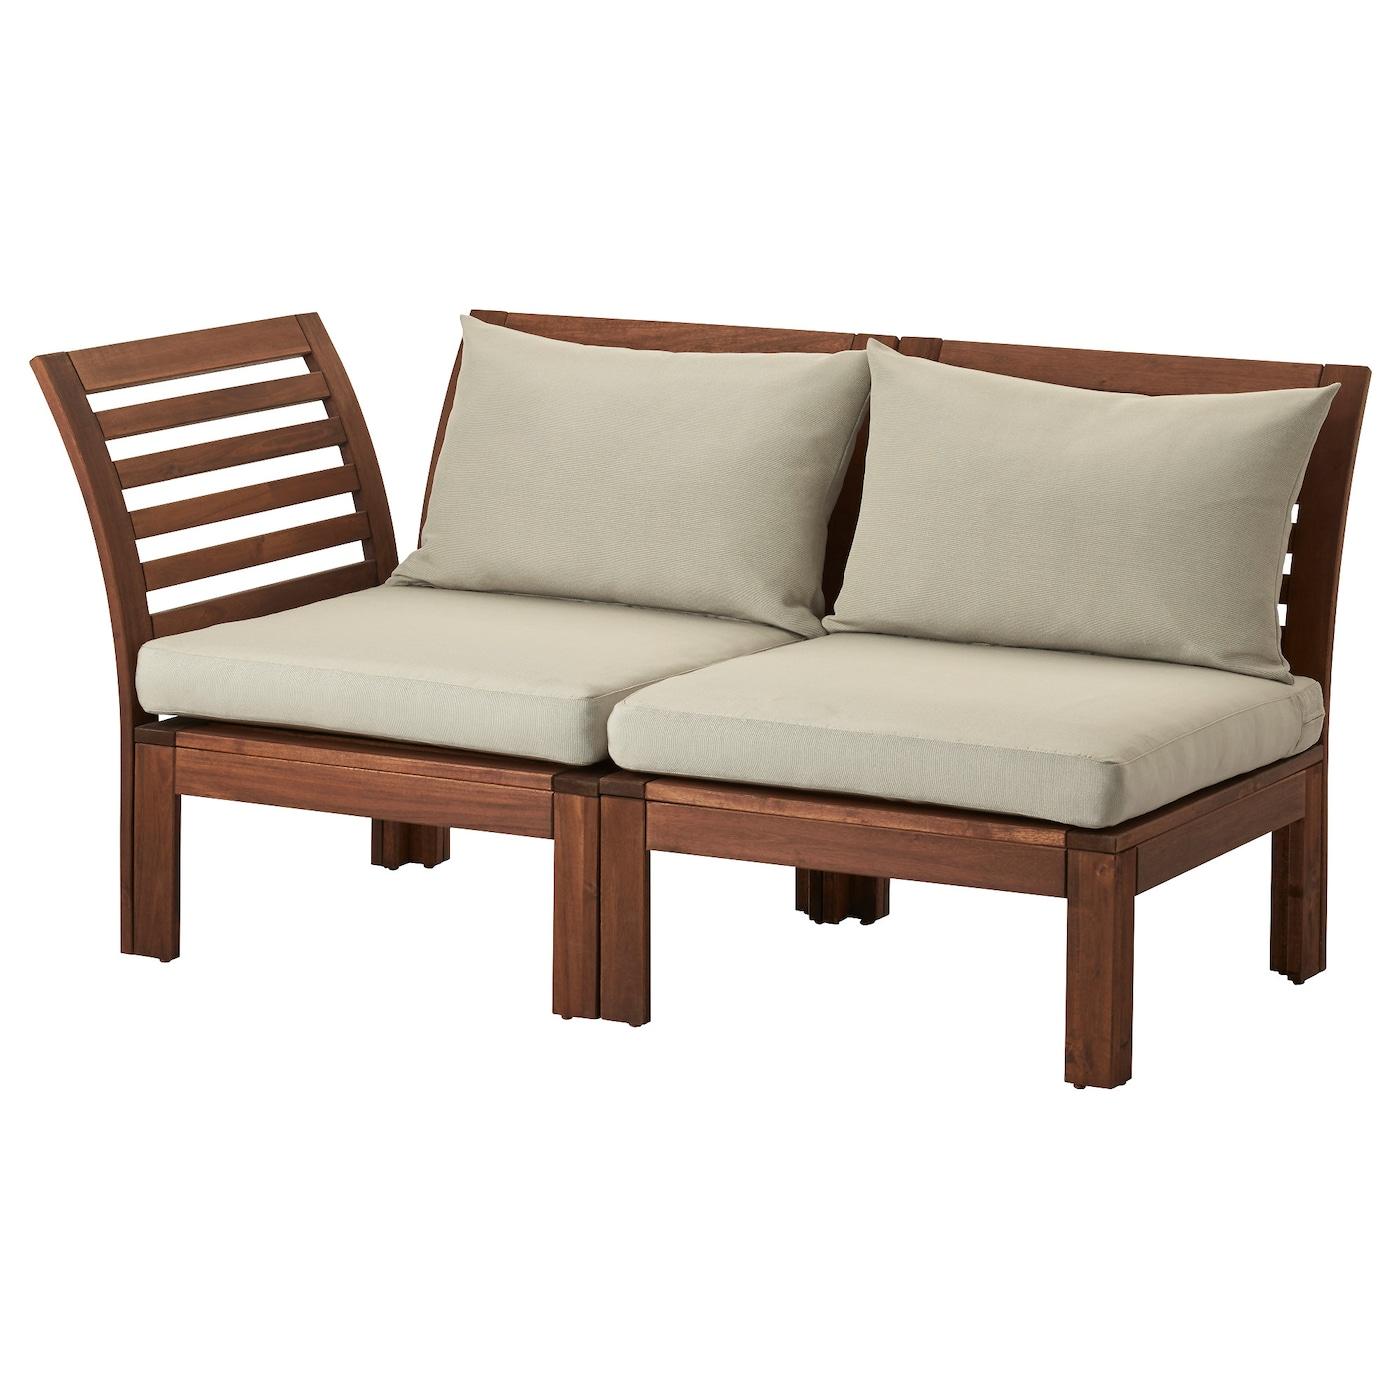 ikea uk garden furniture. IKEA ÄPPLARÖ 2-seat Sofa, Outdoor Ikea Uk Garden Furniture O